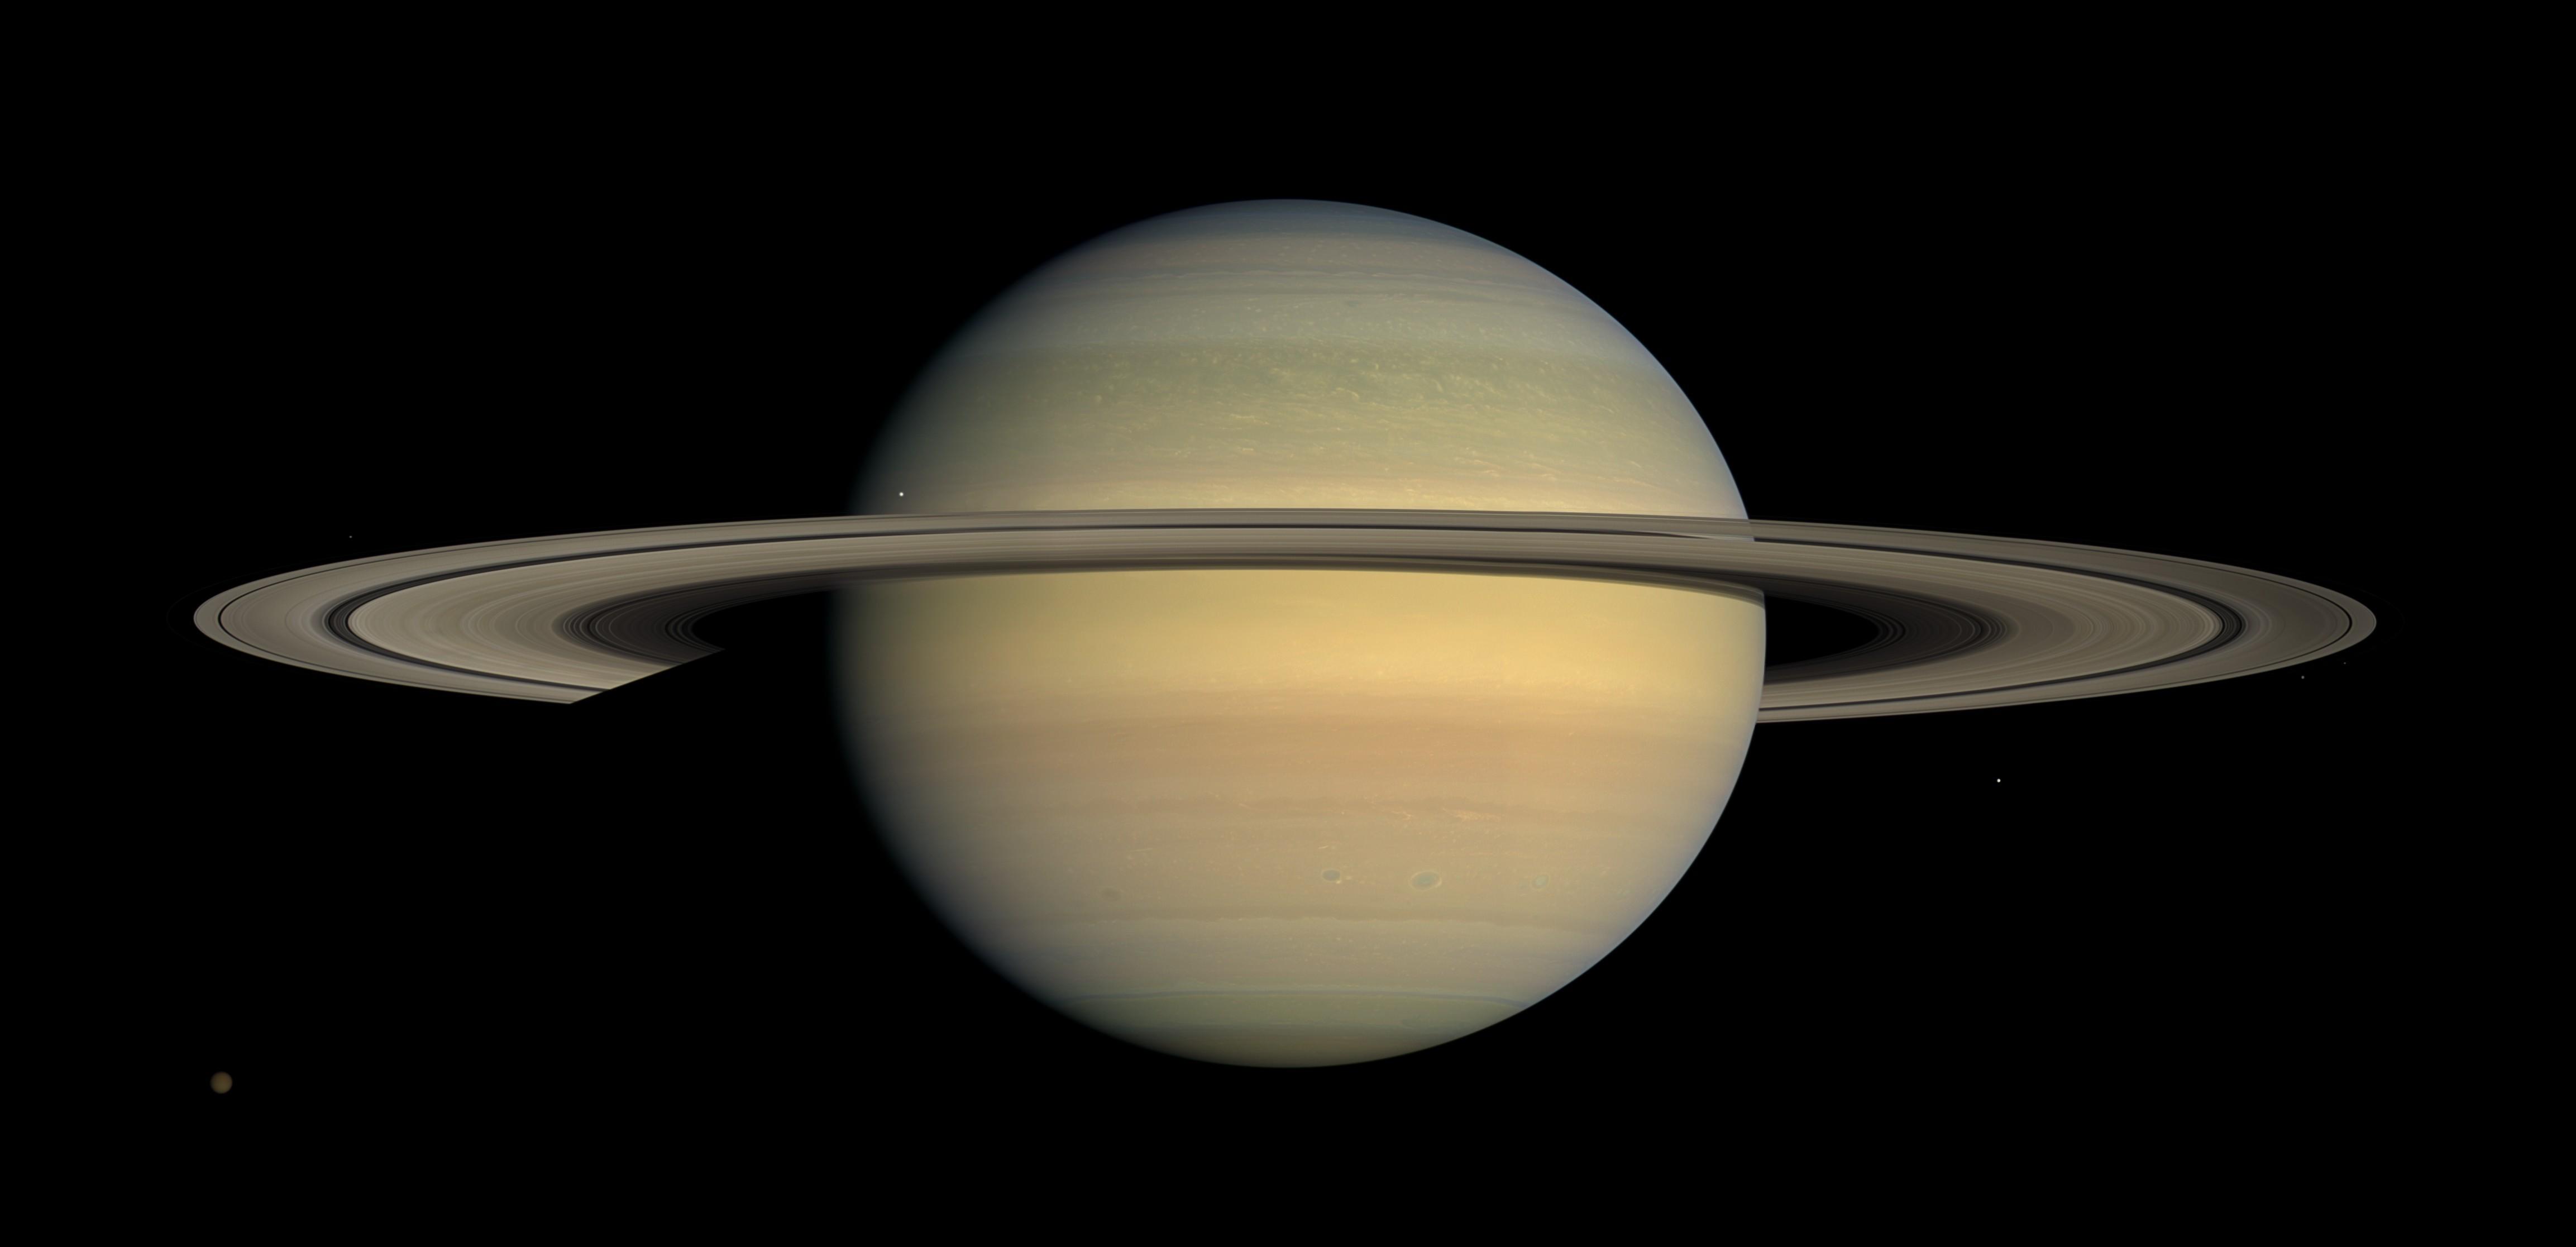 Anéis de Saturno e luas de Júpiter ficam visíveis na noite desta sexta-feira (22)